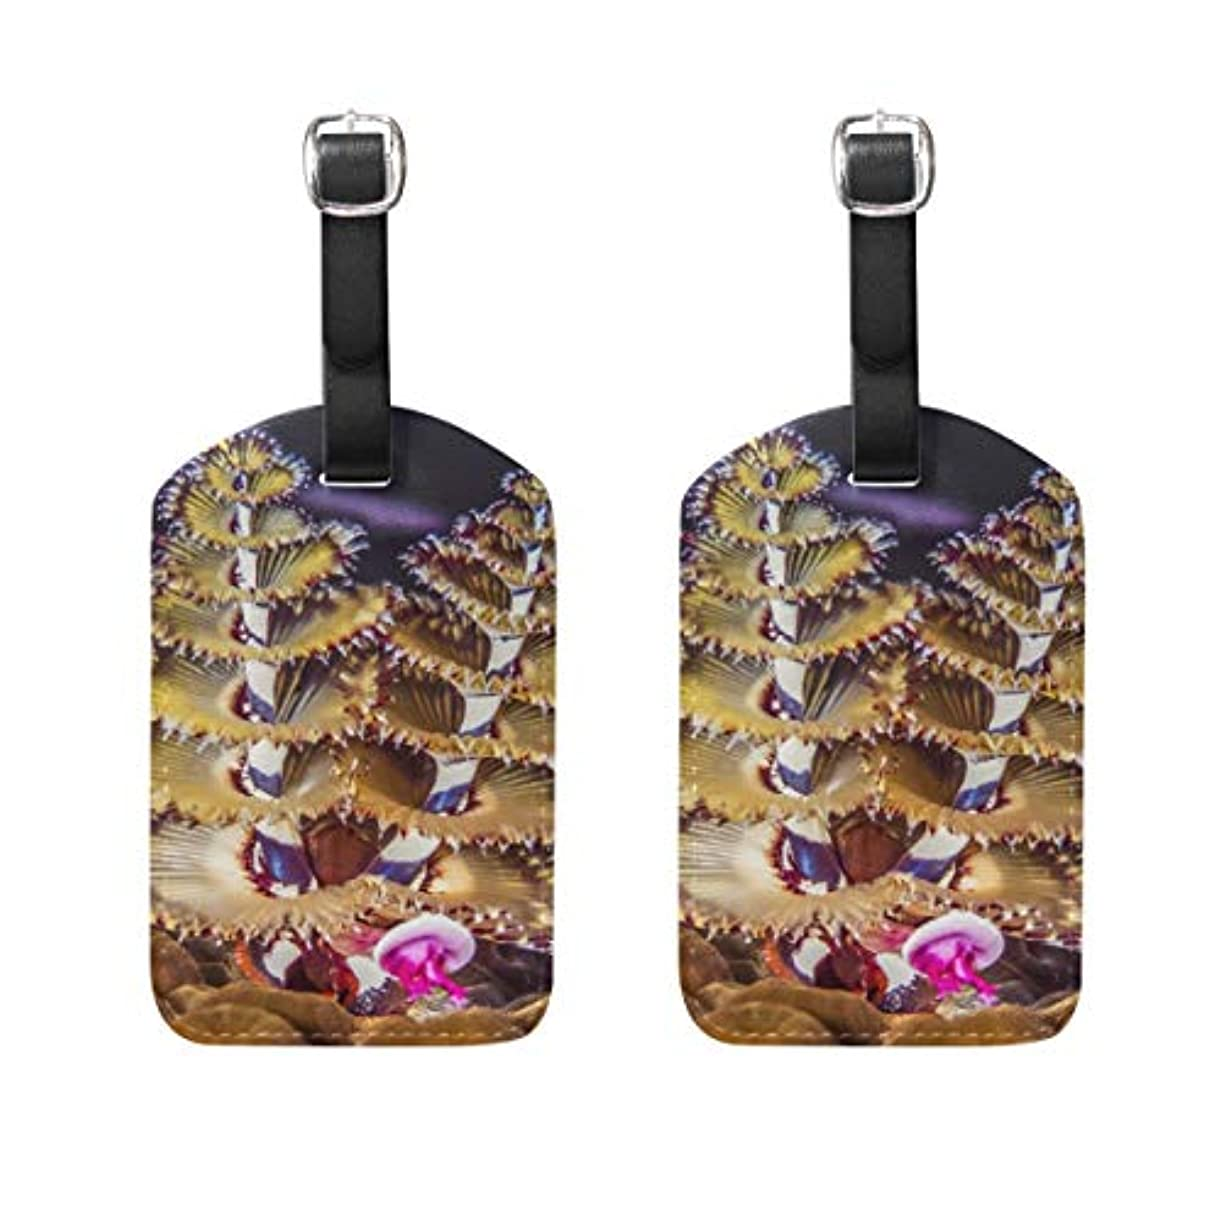 長いです十分アフリカ偽ネイル24個ファッションフェイク釘付のり女性DIYのネイルアートマーブルブルーオーシャンスマッジは、人工爪のヒント偽の釘をデザイン